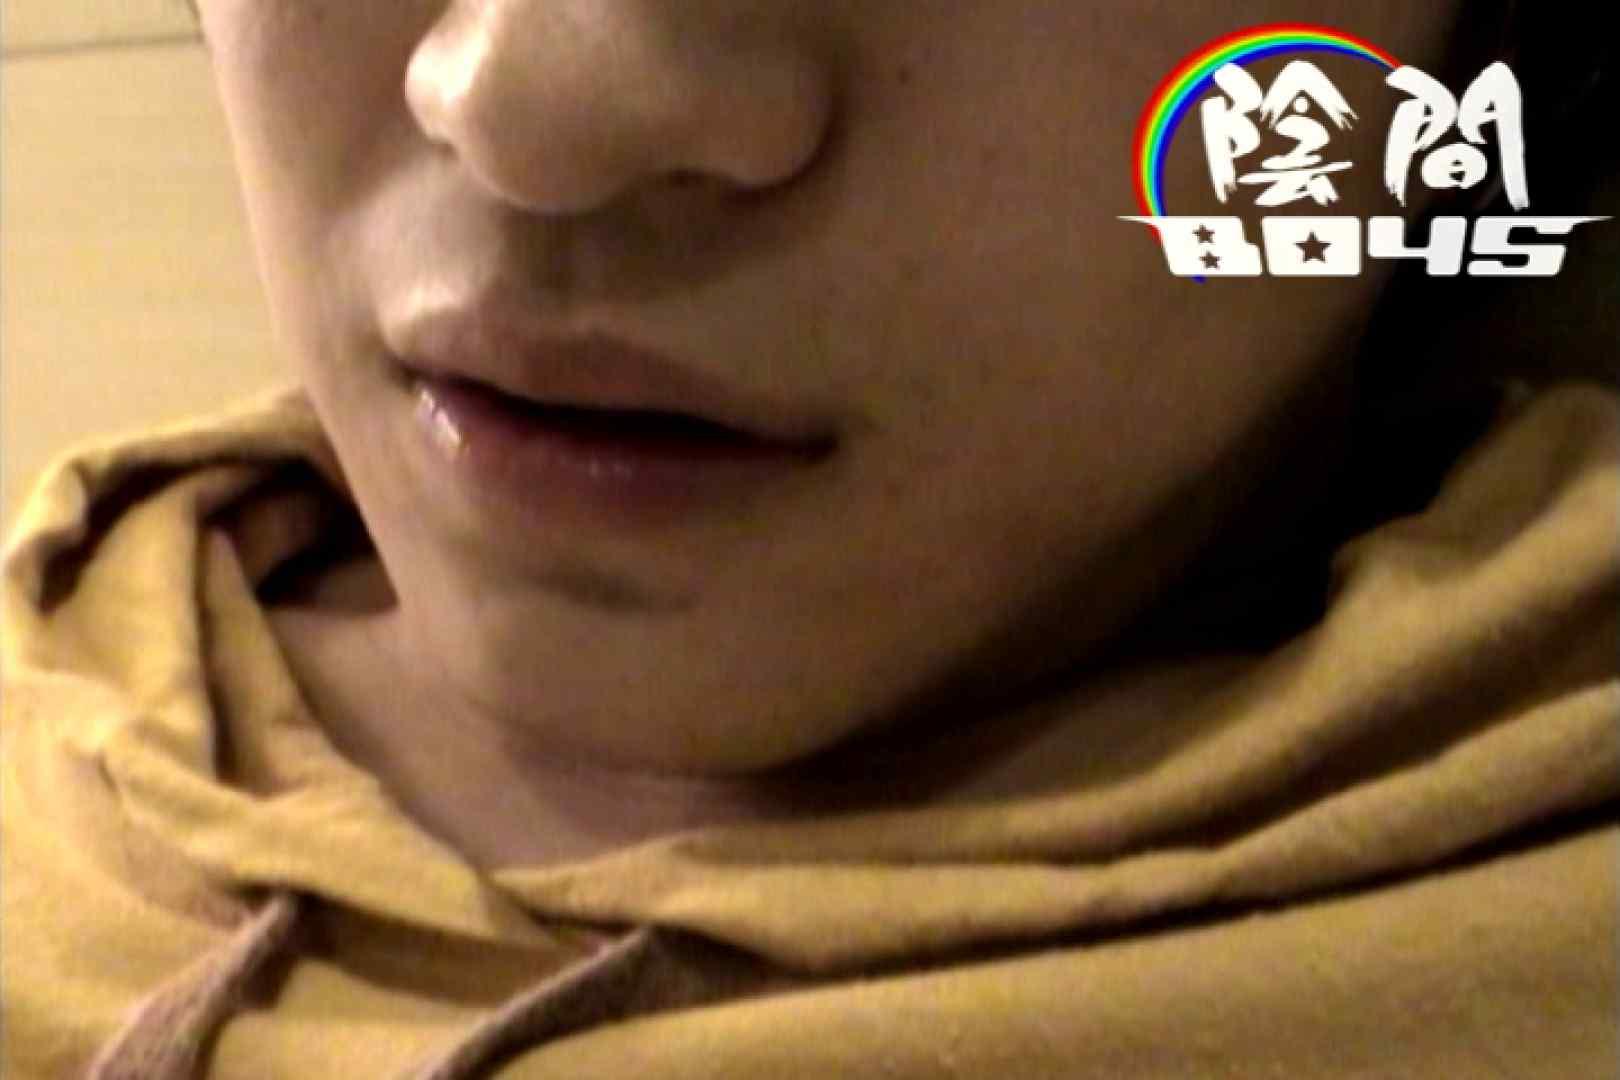 陰間BOYS~My holiday~02 ゲイのオナニー映像  85枚 48